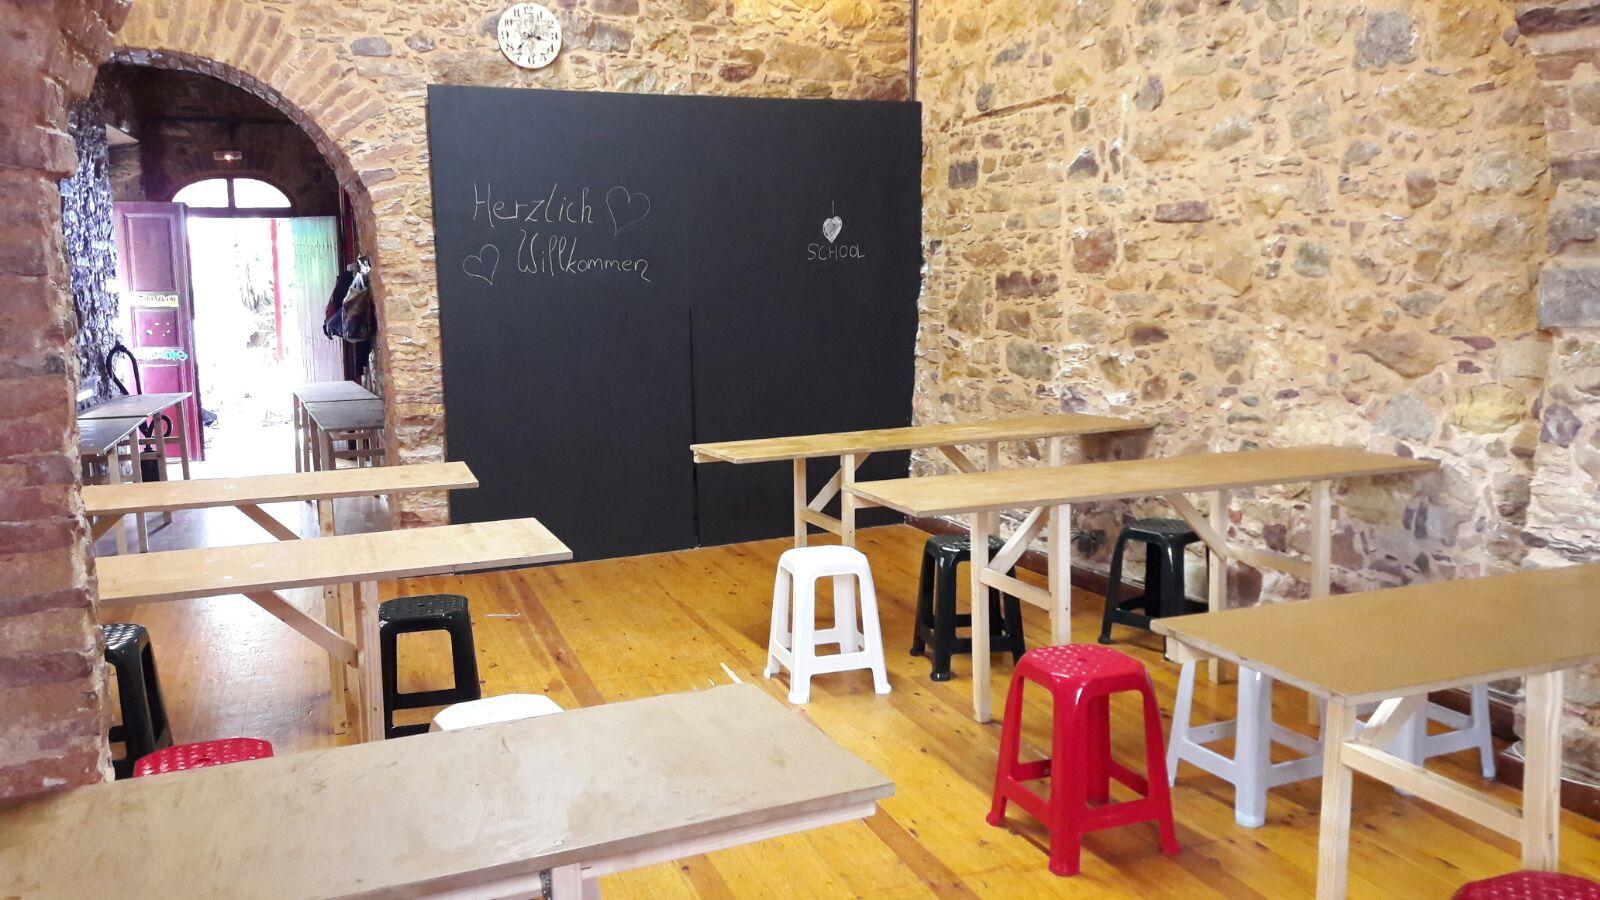 «In Syrien hatten wir nie eine so schöne Schule», sagt eines der Kinder.